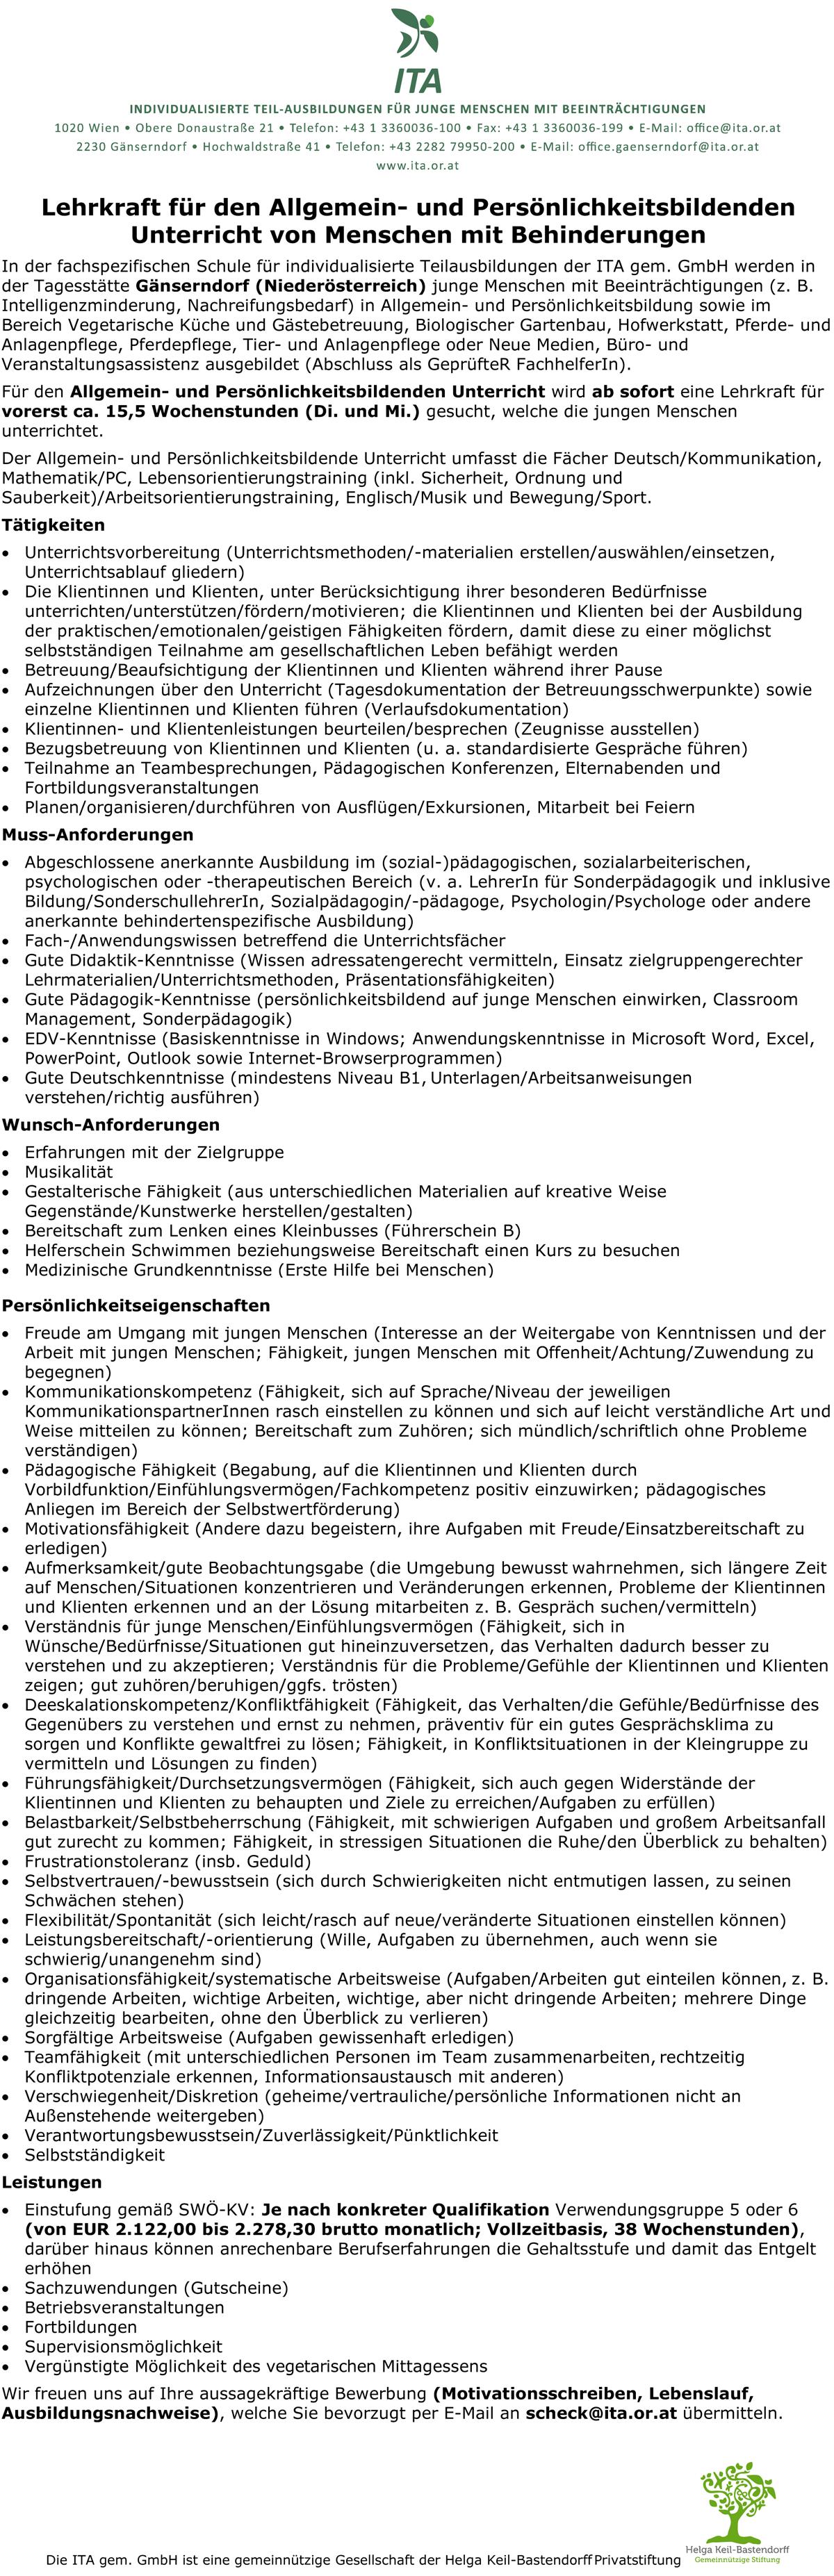 In der fachspezifischen Schule für individualisierte Teilausbildungen der ITA gern. GmbH werden in der Tagesstätte Gänserndorf (Niederösterreich) junge Menschen mit Beeinträchtigungen (z. B. Intelligenzminderung, Nachreifungsbedarf) in Allgemein- und Persönlichkeitsbildung sowie im Bereich Vegetarische Küche und Gästebetreuung, Biologischer Gartenbau, Hofwerkstatt, Pferde- und Anlagenpflege, Pferdepflege, Tier- und Anlagenpflege oder Neue Medien, Büro- und Veranstaltungsassistenz ausgebildet (Abschluss als GeprüfteR Fachhelferln). Für den Allgemein- und Persönlichkeitsbildenden Unterricht wird ab sofort eine Lehrkraft für vorerst ca. 15,5 Wochenstunden (Di. und Mi.) gesucht, welche die jungen Menschen unterrichtet. Der Allgemein- und Persönlichkeitsbildende Unterricht umfasst die Fächer Deutsch/Kommunikation, Mathematik/PC, Lebensorientierungstraining (inkl. Sicherheit, Ordnung und Sauberkeit)/Arbeitsorientierungstraining, Englisch/Musik und Bewegung/Sport. Tätigkeiten • Unterrichtsvorbereitung (Unterrichtsmethoden/-materialien erstellen/auswählen/einsetzen, Unterrichtsablauf gliedern) • Die Klientinnen und Klienten, unter Berücksichtigung ihrer besonderen Bedürfnisse unterrichten/unterstützen/fördern/motivieren; die Klientinnen und Klienten bei der Ausbildung der praktischen/emotionalen/geistigen Fähigkeiten fördern, damit diese zu einer möglichst selbstständigen Teilnahme am gesellschaftlichen Leben befähigt werden • Betreuung/Beaufsichtigung der Klientinnen und Klienten während ihrer Pause • Aufzeichnungen über den Unterricht (Tagesdokumentation der Betreuungsschwerpunkte) sowie einzelne Klientinnen und Klienten führen (Verlaufsdokumentation) • Klientinnen- und Klientenleistungen beurteilen/besprechen (Zeugnisse ausstellen) • Bezugsbetreuung von Klientinnen und Klienten (u. a. standardisierte Gespräche führen) • Teilnahme an Teambesprechungen, Pädagogischen Konferenzen, Elternabenden und Fortbildungsveranstaltungen • Planen/organisieren/durchführen von Ausflügen/